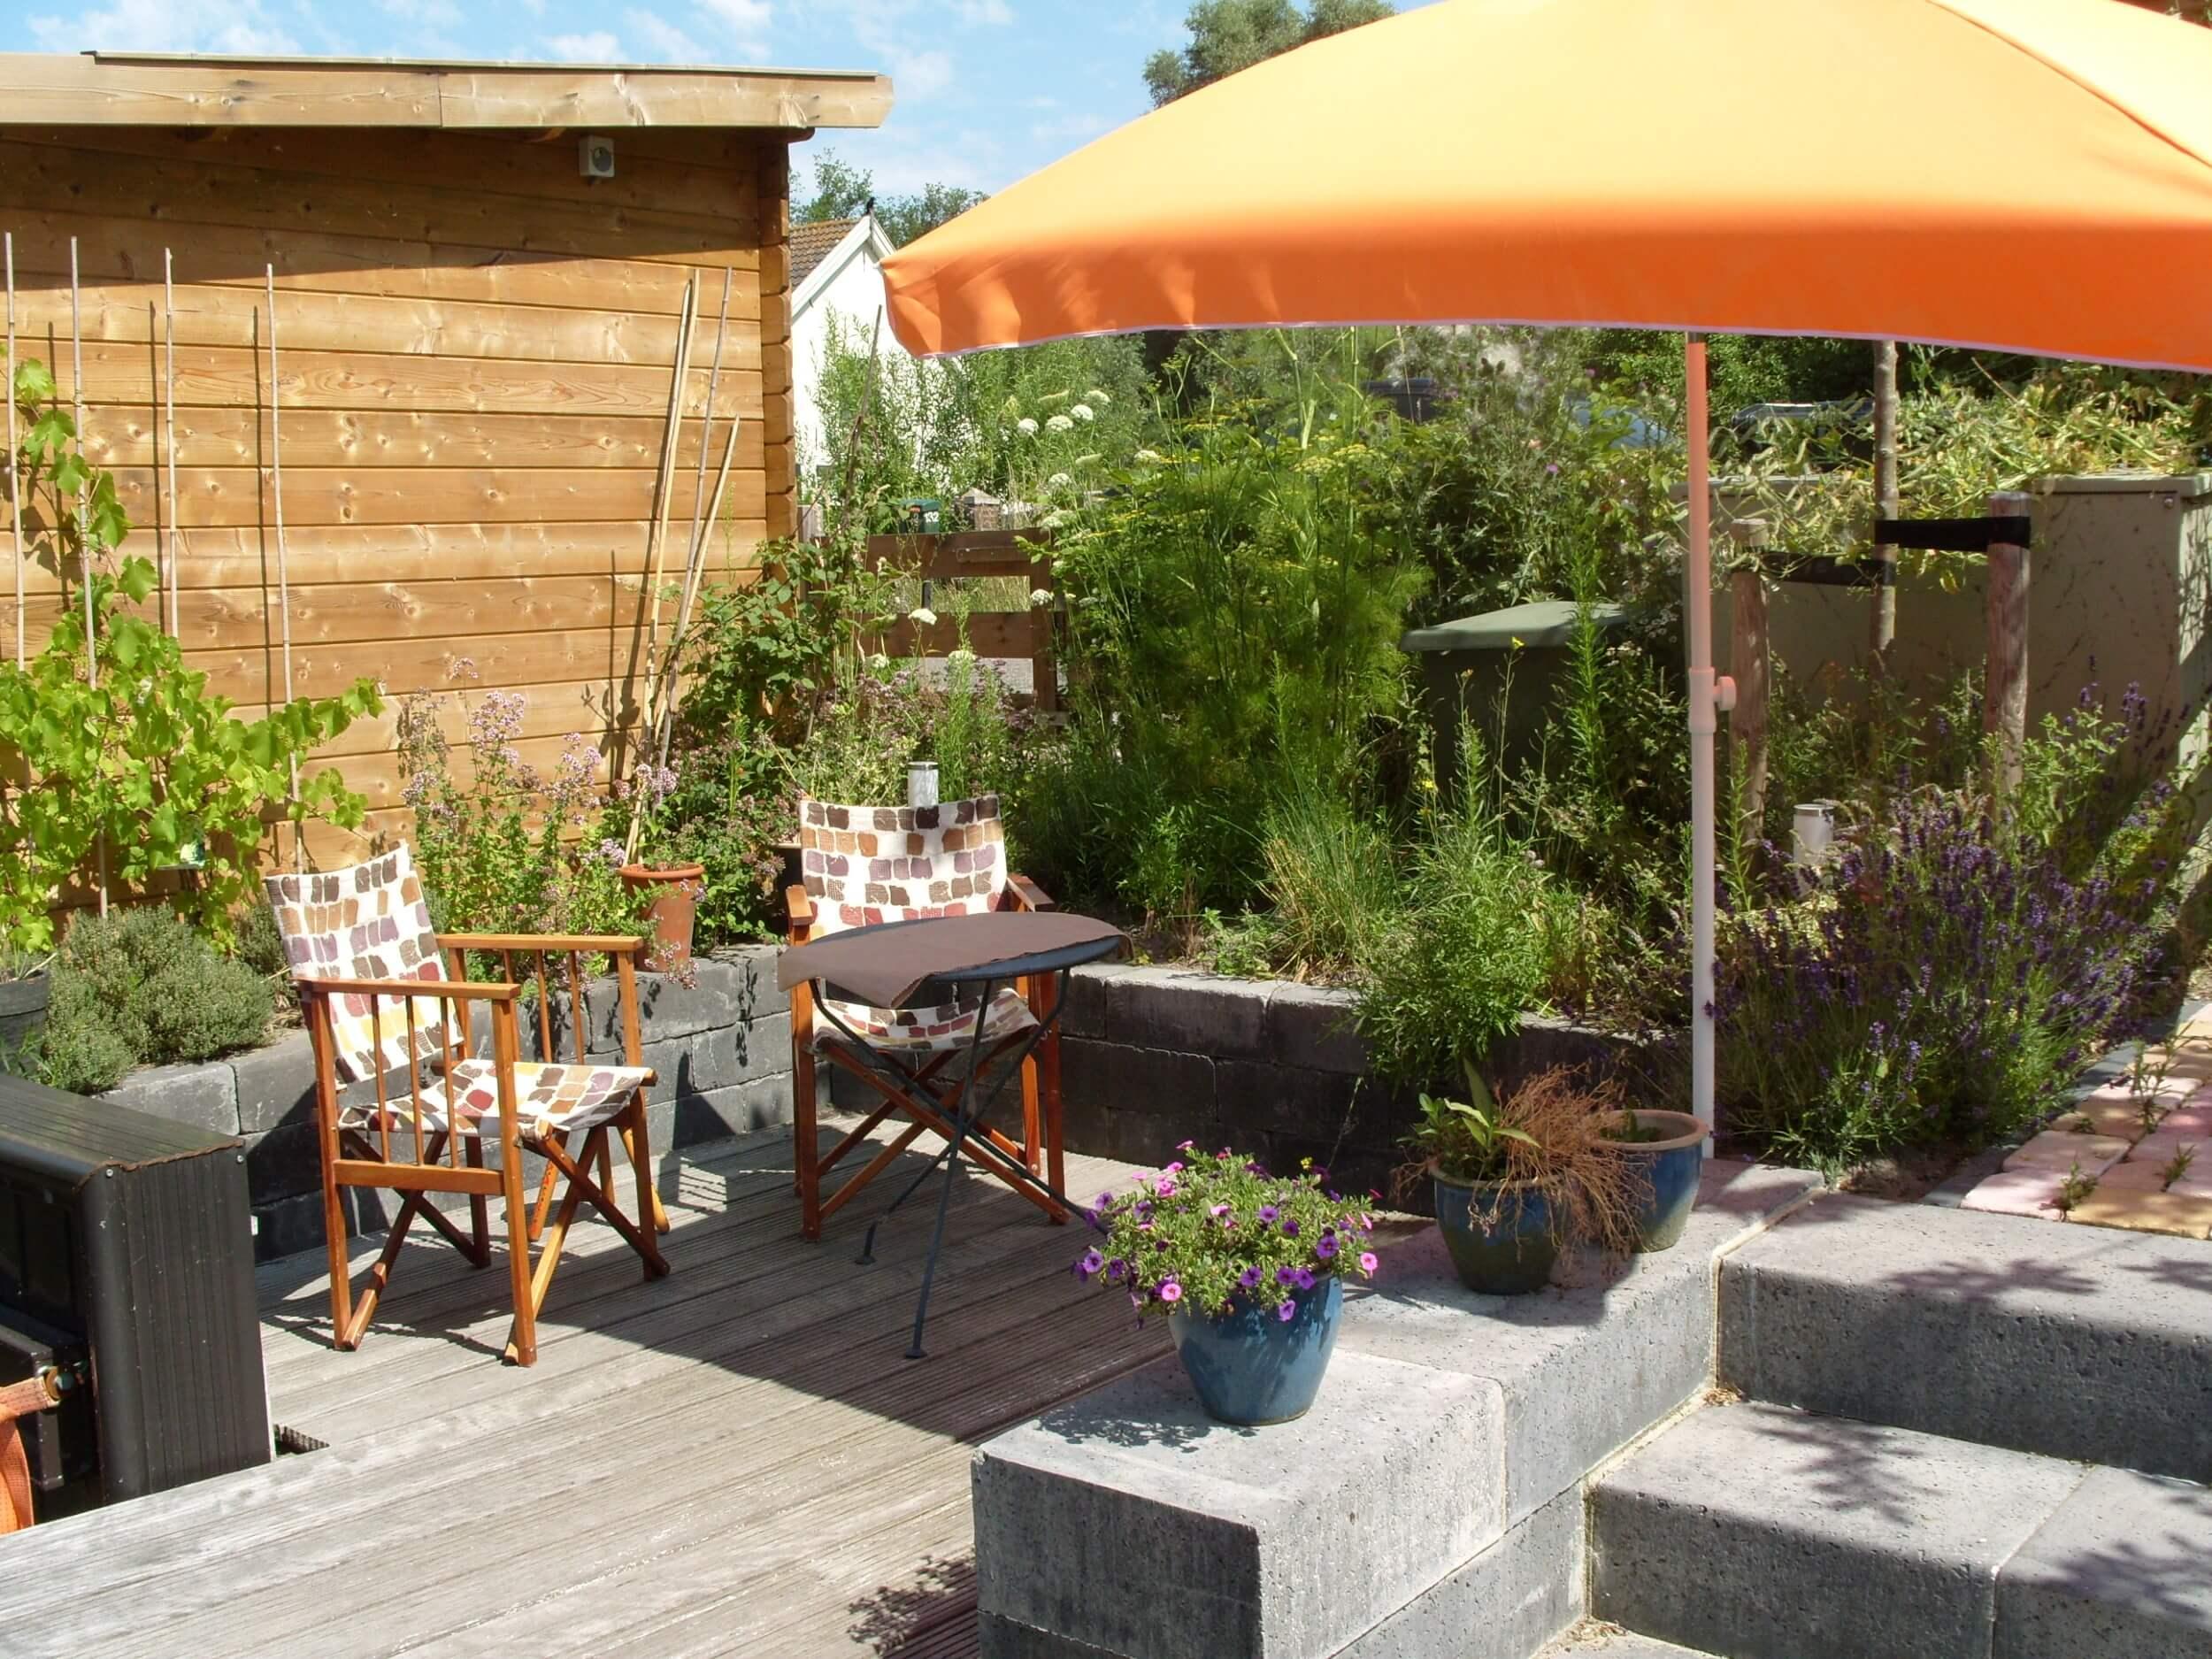 Ontbijt in de tuin - Houseboat Harmony - Bed & Breakfast Utrecht (2)